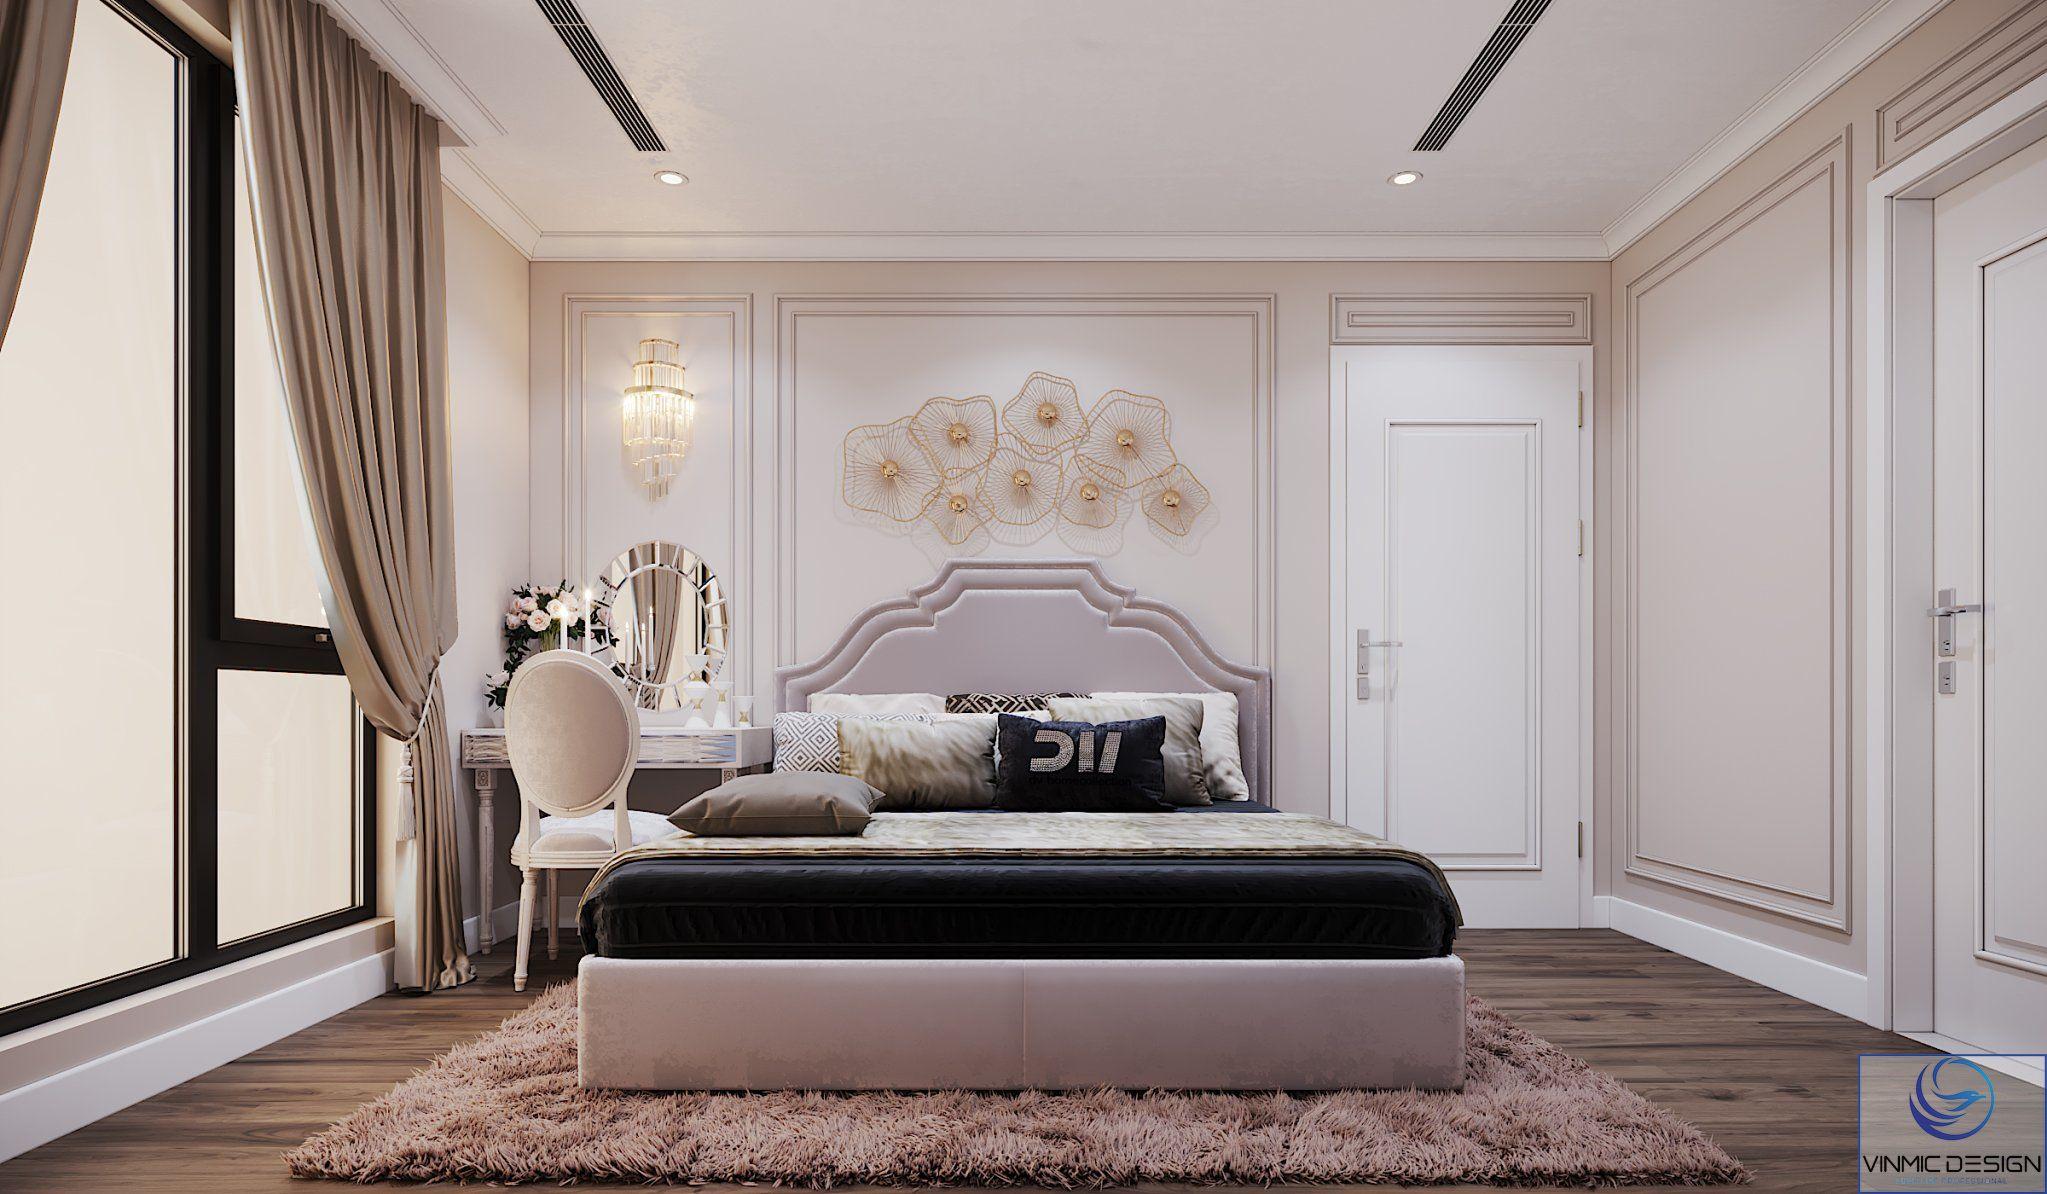 Thiết kế phòng ngủ với tôn màu tươi, tạo không gian thoải mái để nghỉ ngơi.